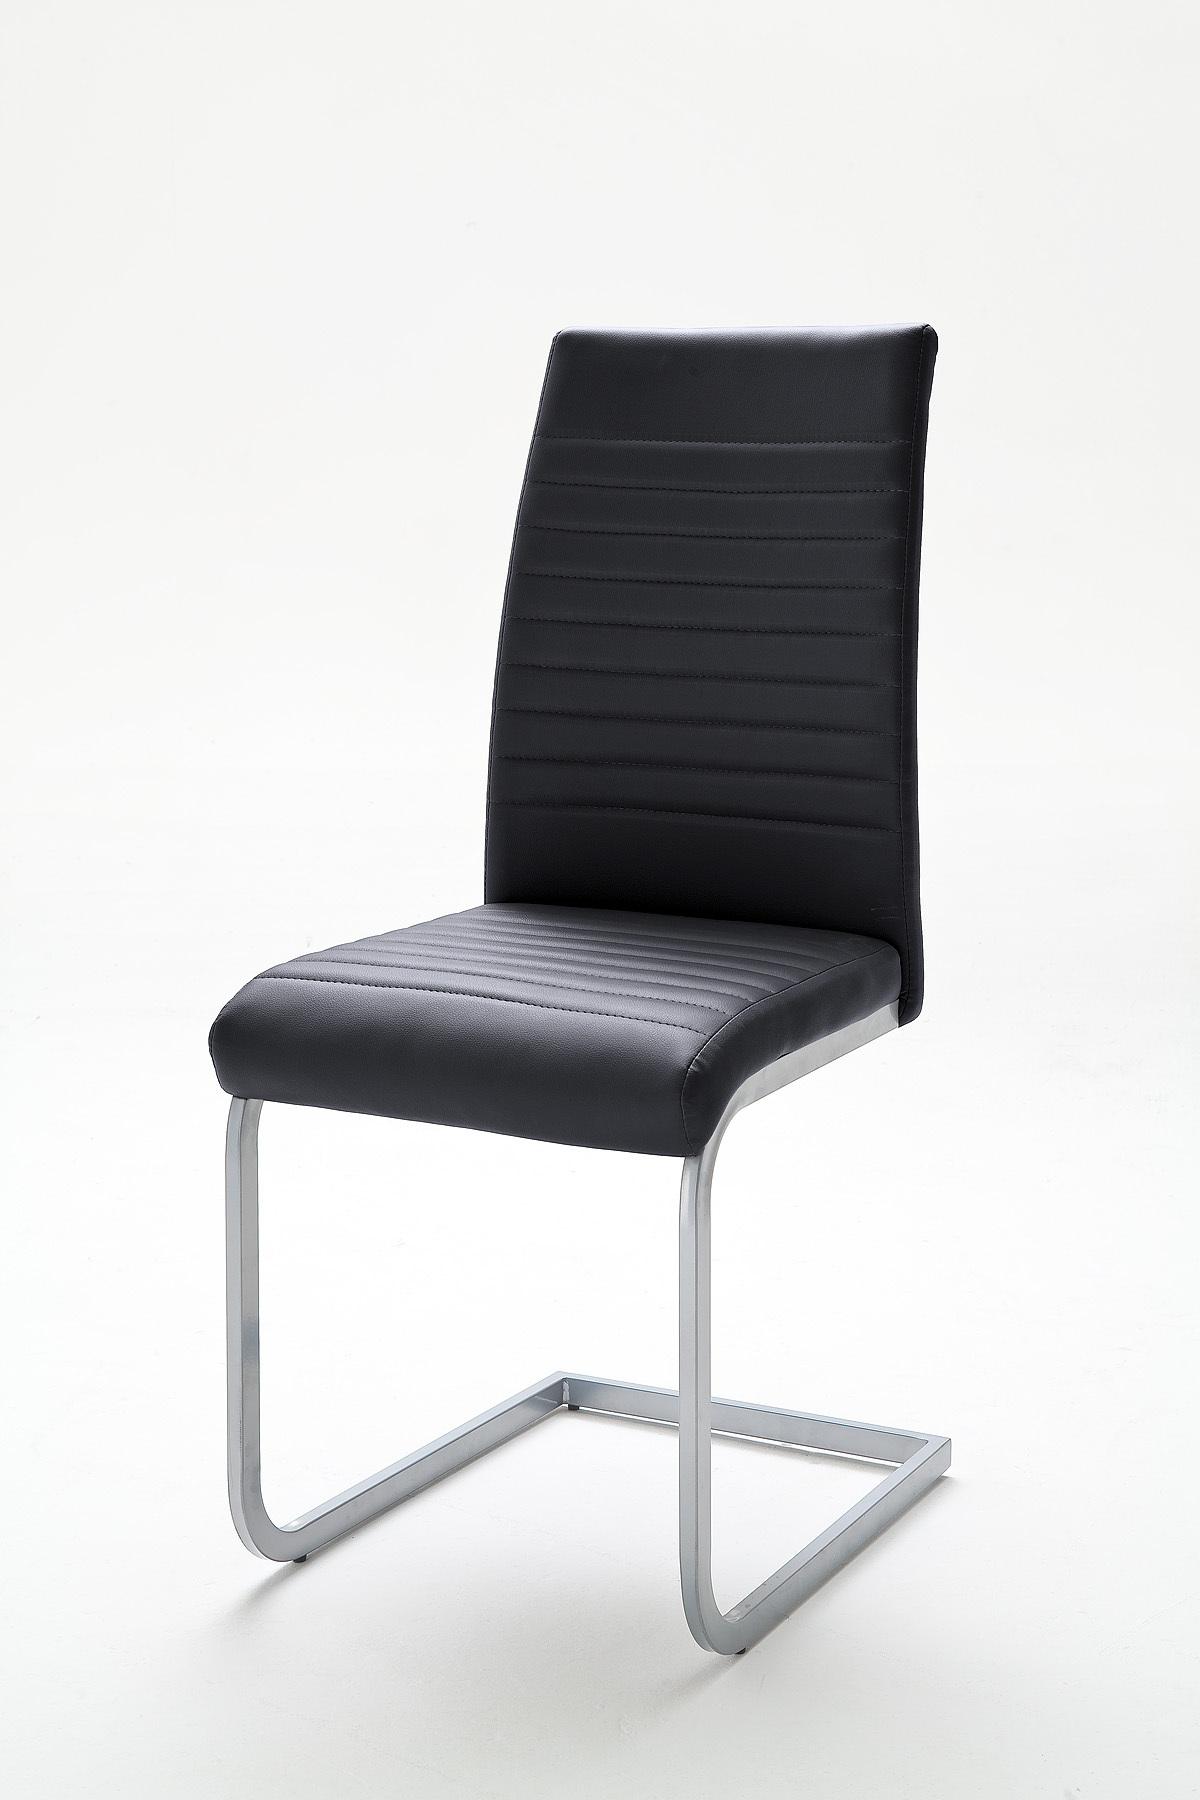 moderner freischwinger stuhl derby schwarz hochwertig verchromtes stuhlgestell riess ambiente. Black Bedroom Furniture Sets. Home Design Ideas